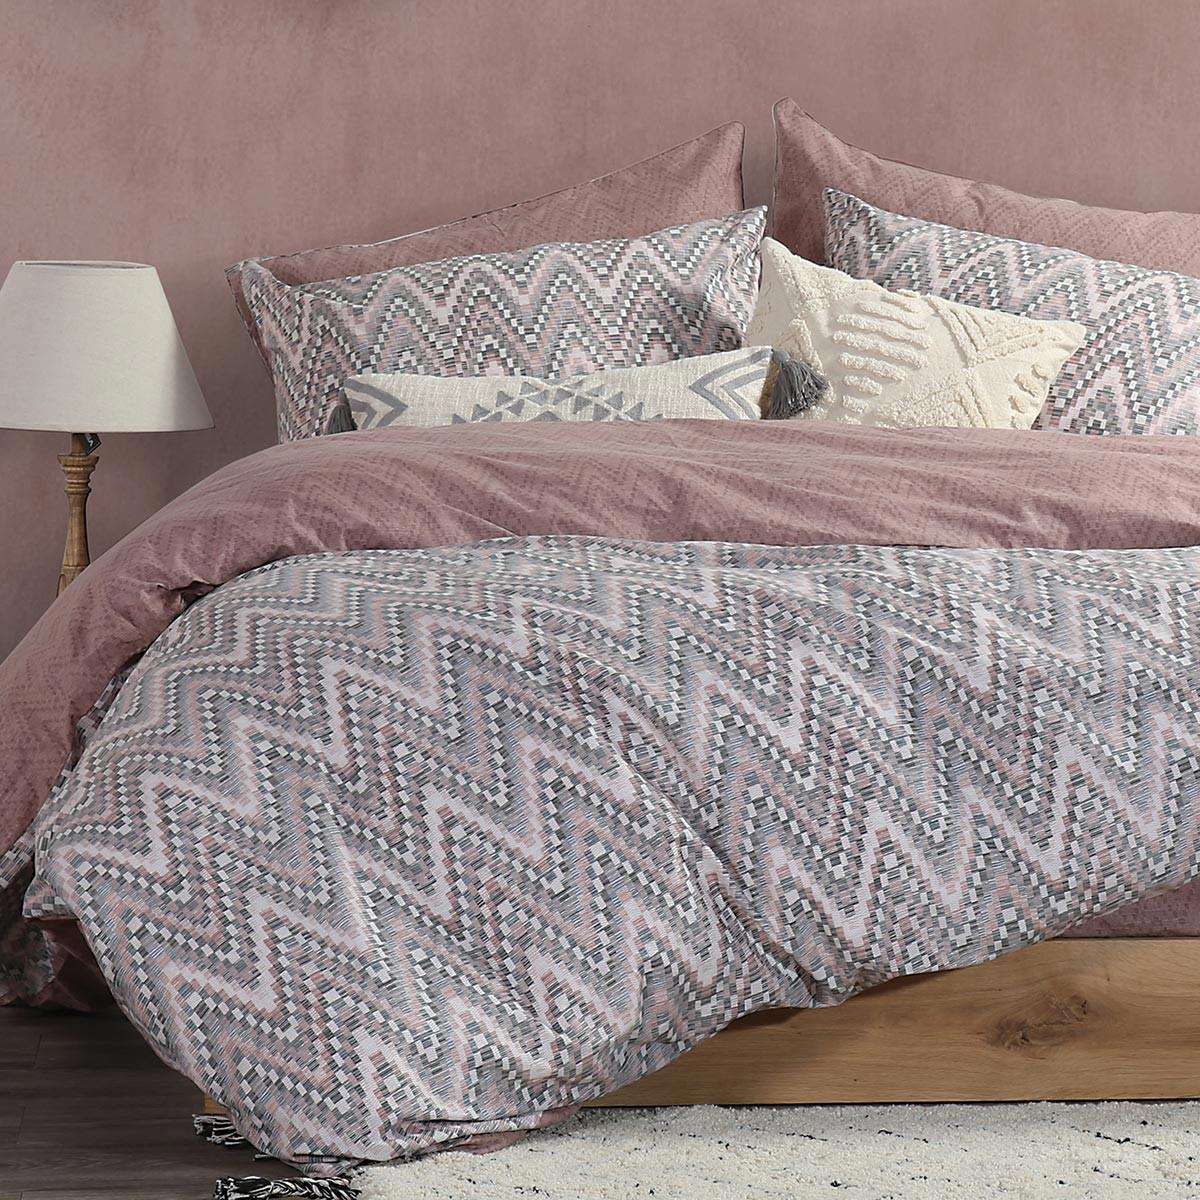 Παπλωματοθήκη Υπέρδιπλη (Σετ) Nef-Nef Smart Mozaik Pink